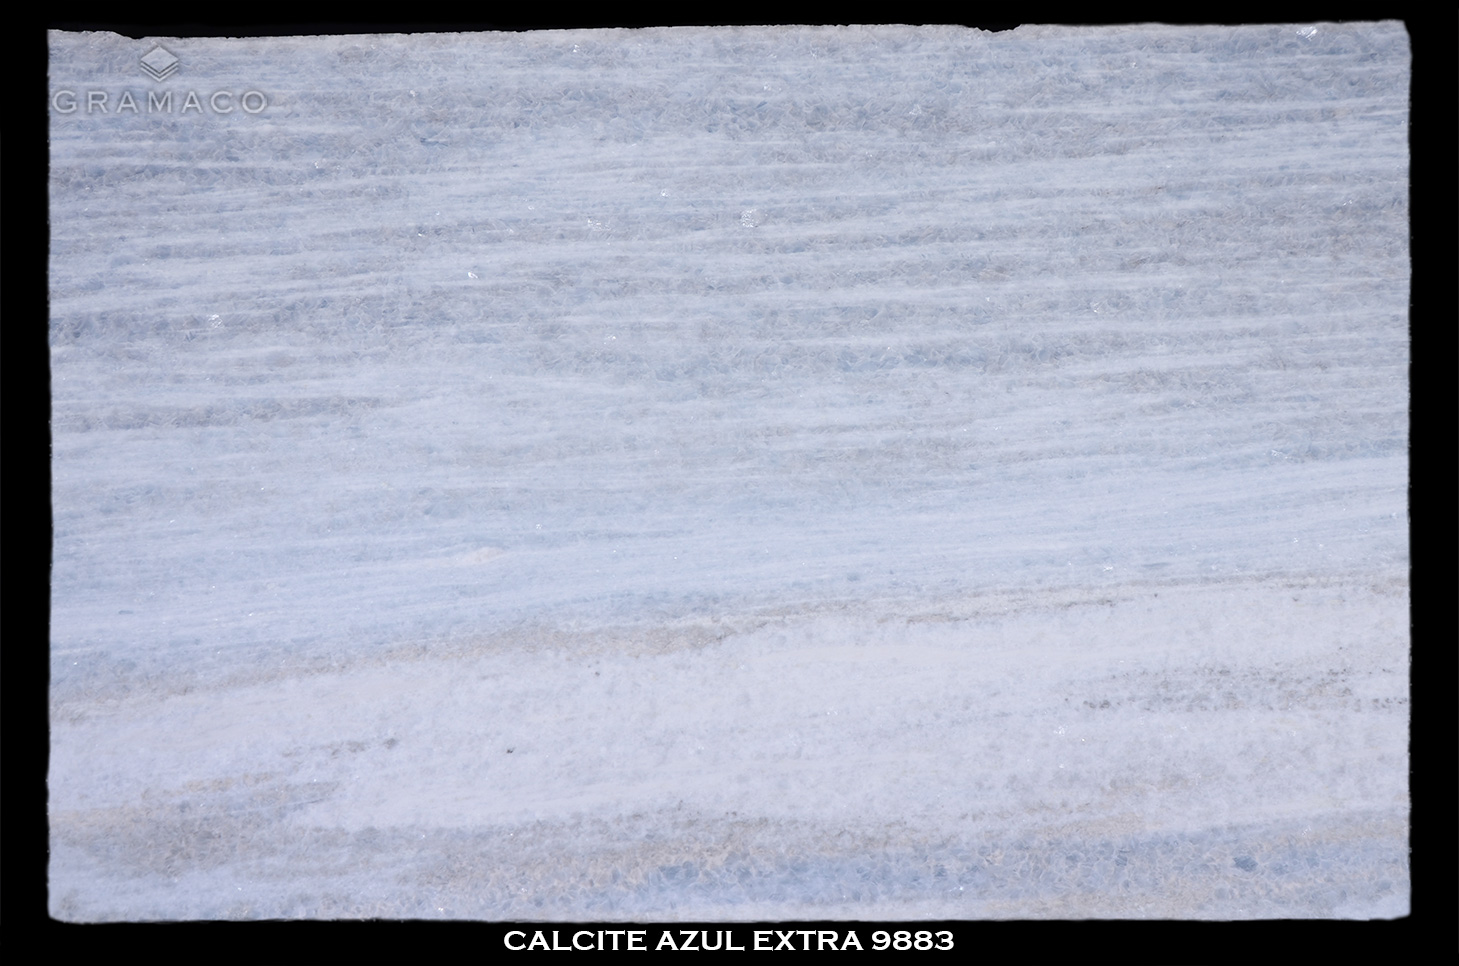 CALCITE-AZUL-EXTRA-9883--FULL-SLAB-BLACK